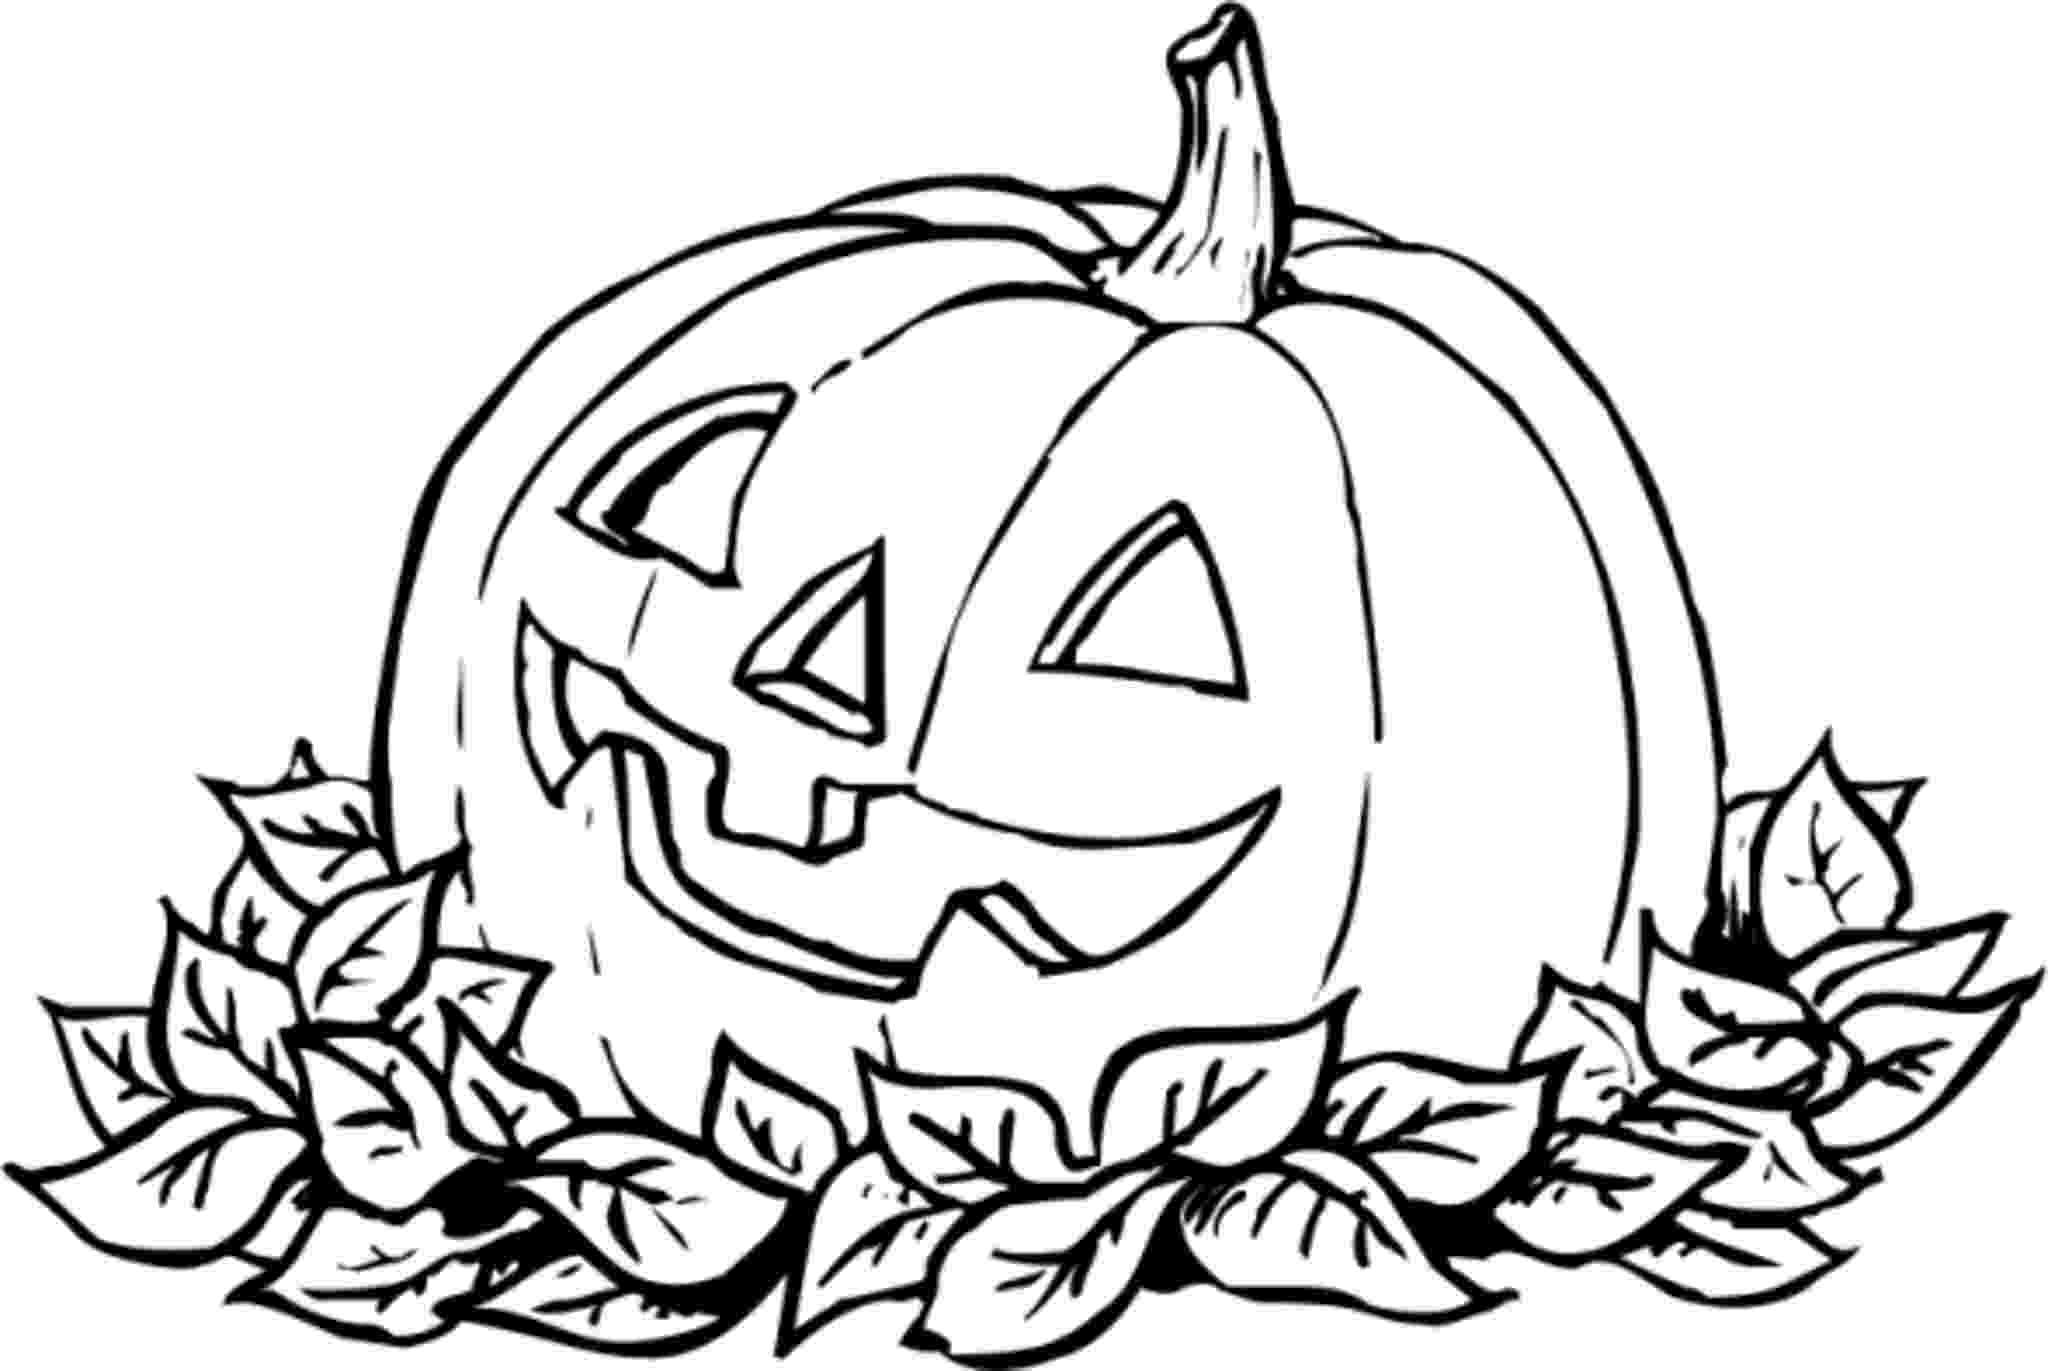 pumpkin coloring sheets printable free printable pumpkin coloring pages for kids printable coloring pumpkin sheets